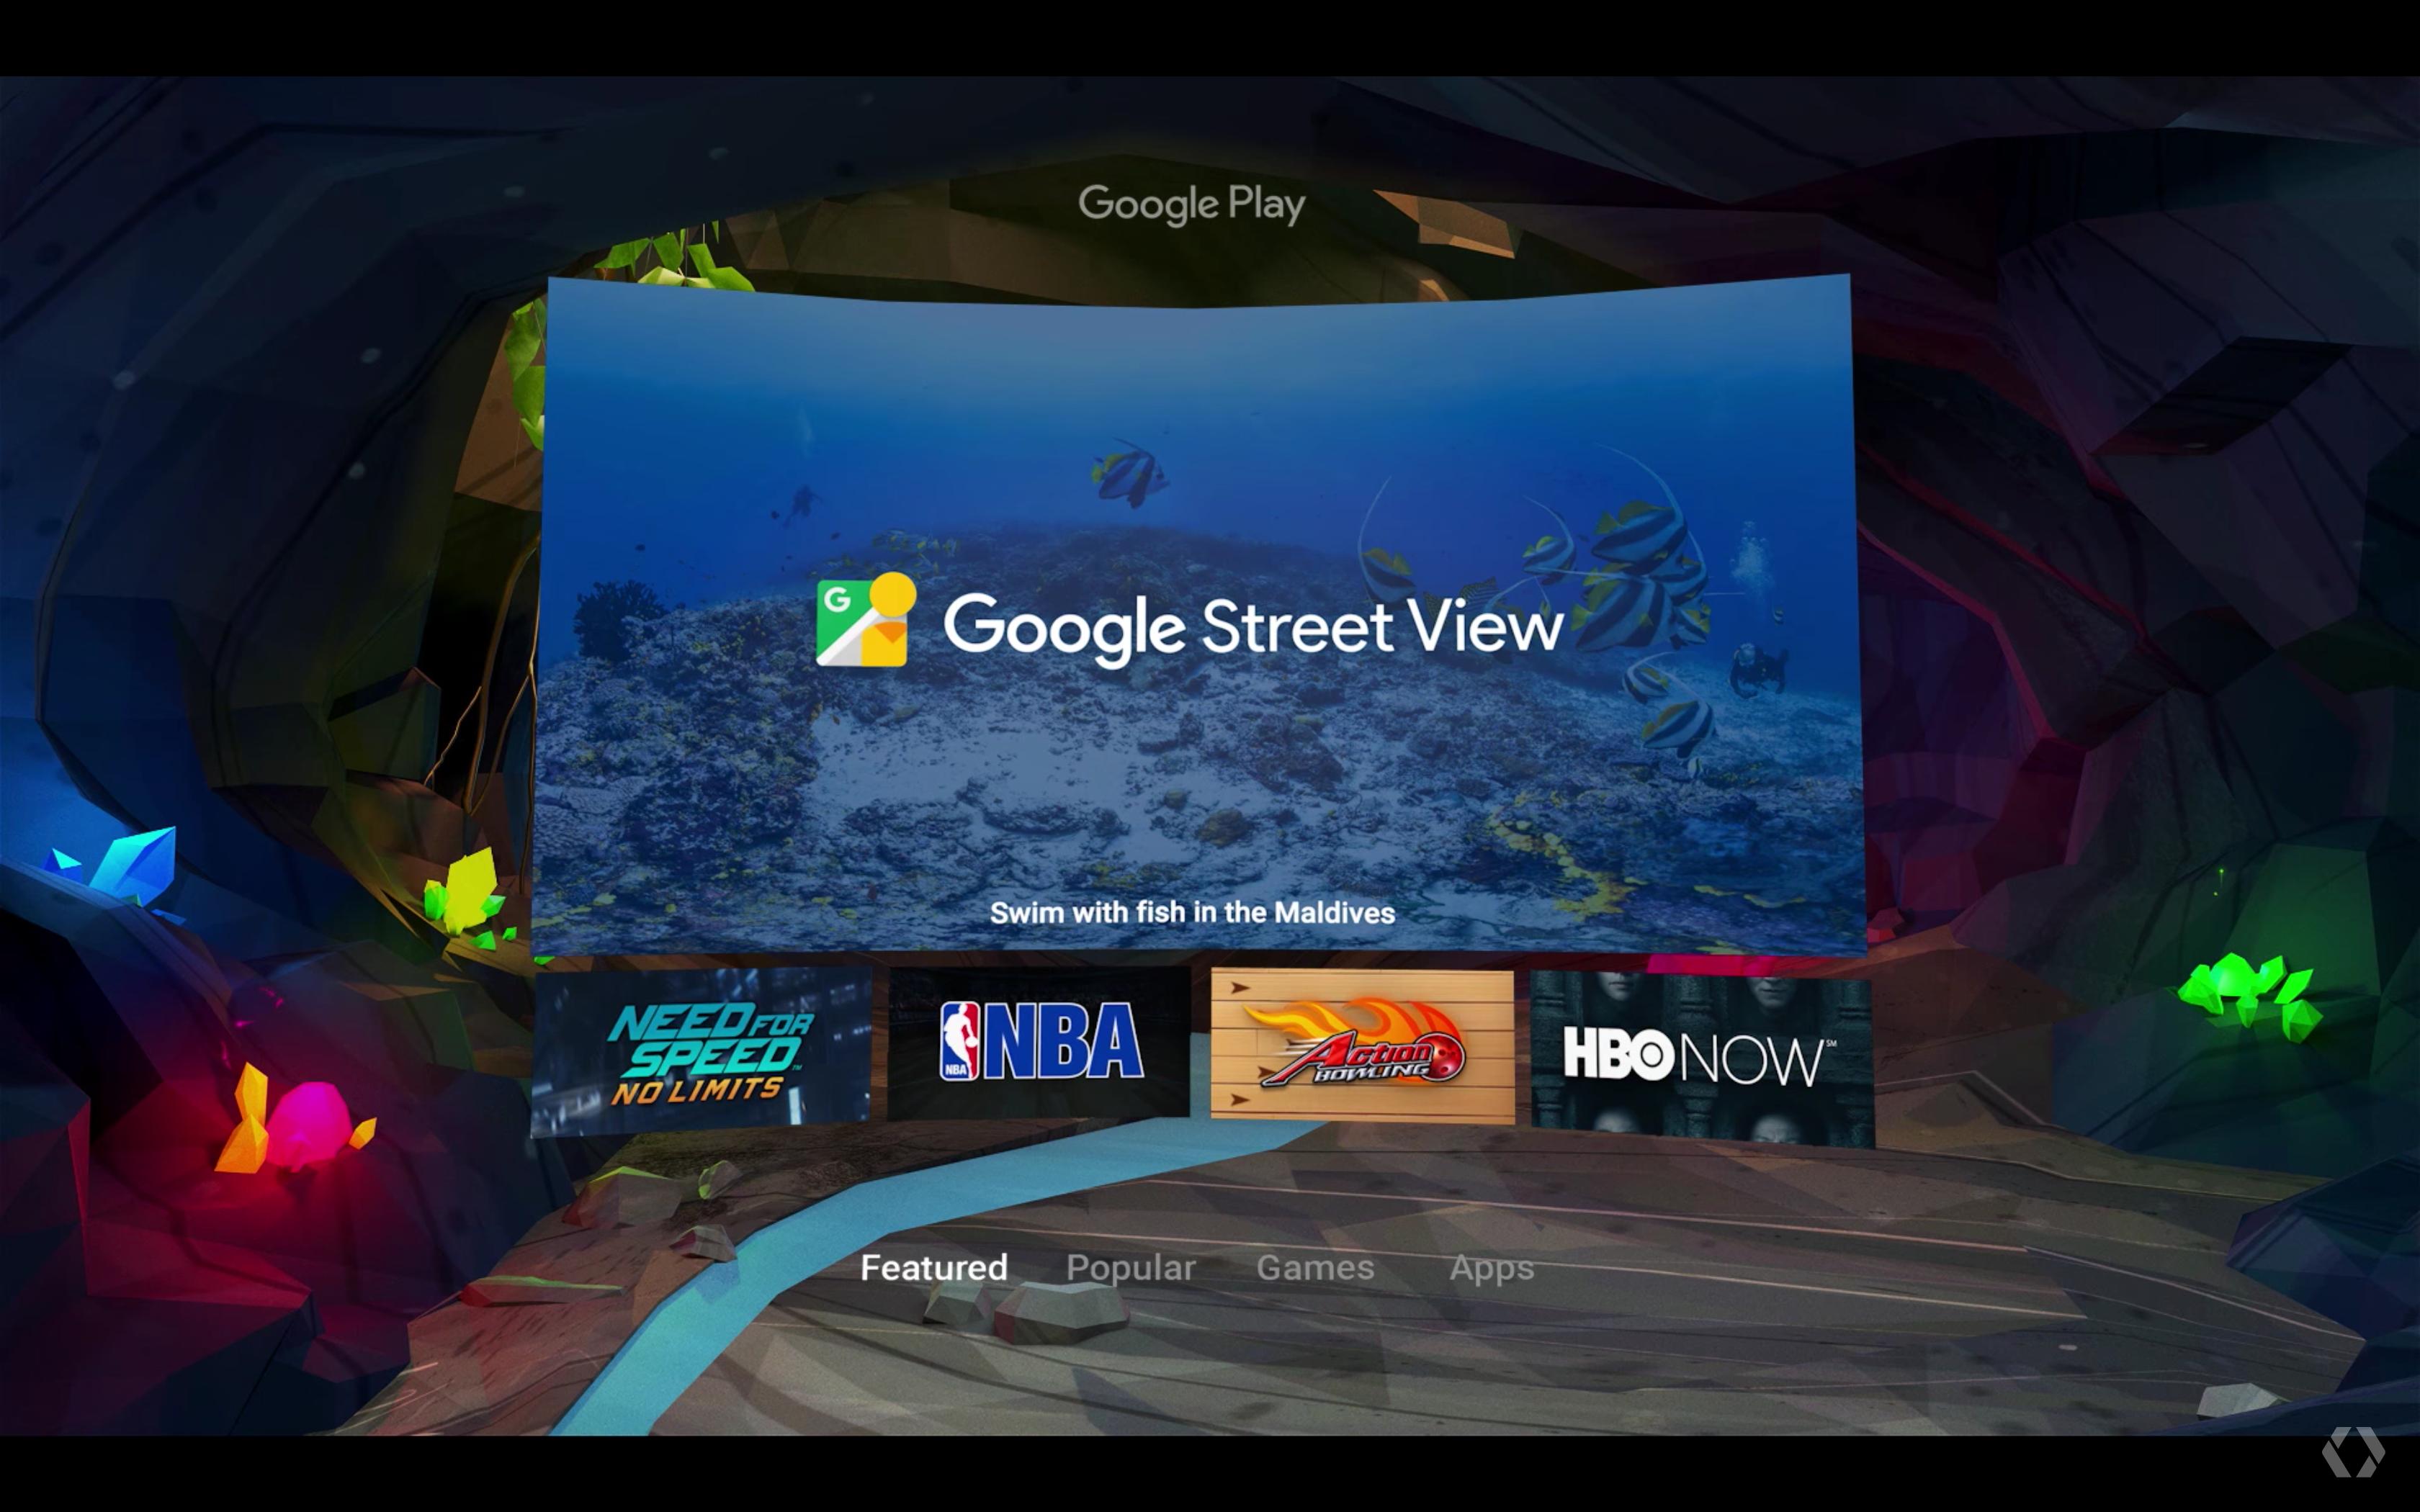 Google ngừng bán Cardboard, phải chăng giấc mơ VR của họ đã đi đến hồi kết? - Ảnh 5.